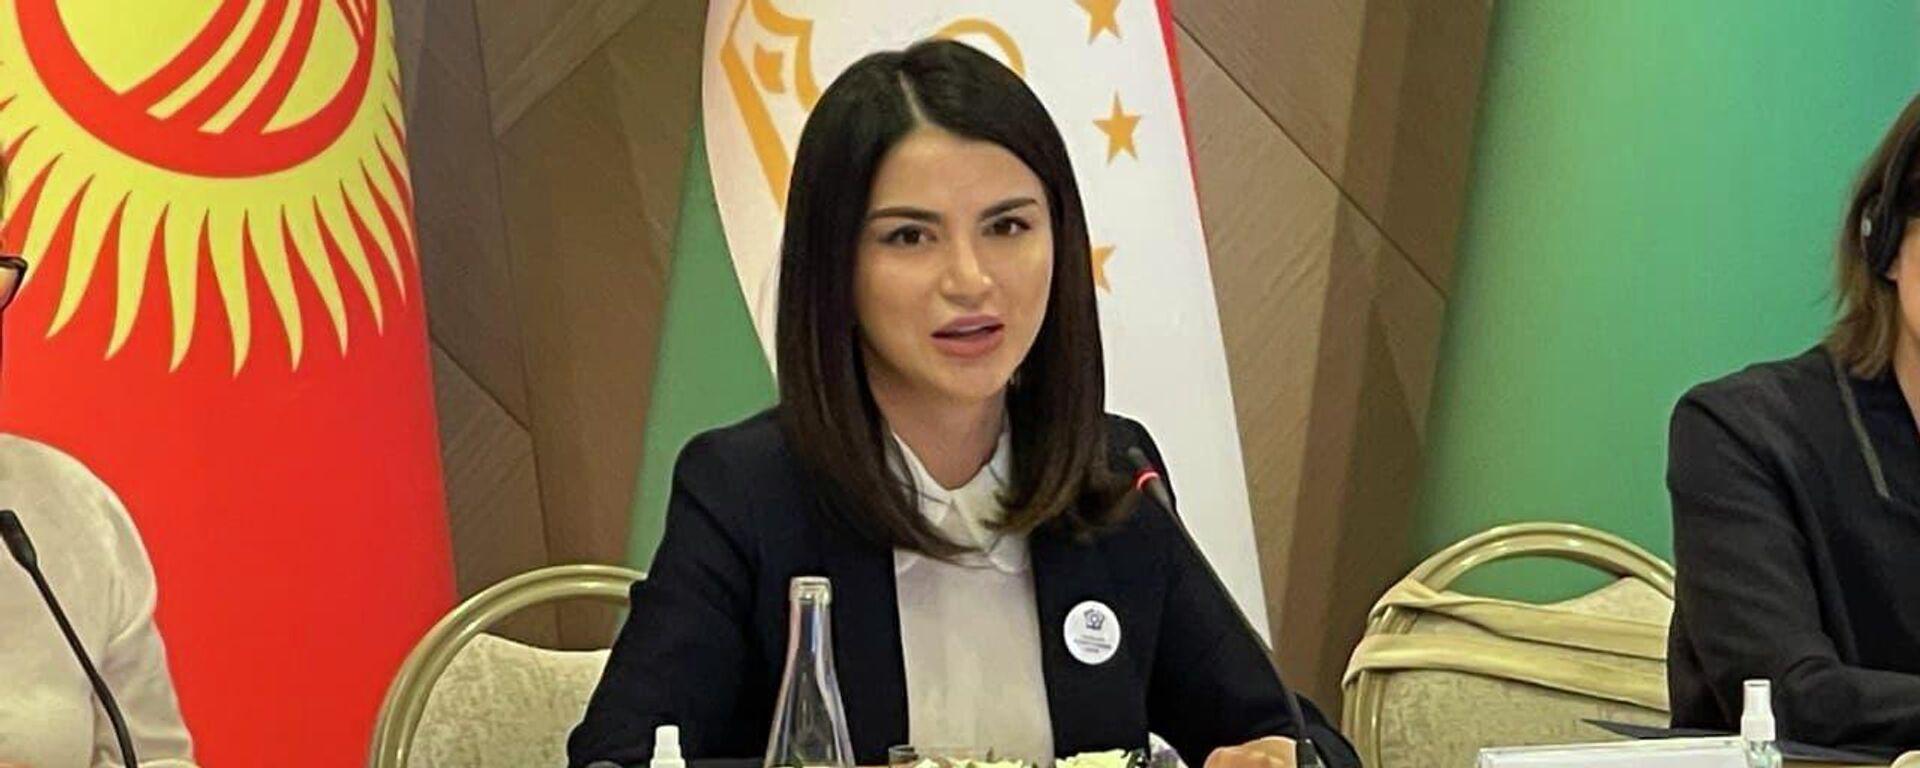 Саида Мирзиёева на открытии форума женщин-предпринимательниц - Sputnik Узбекистан, 1920, 15.06.2021